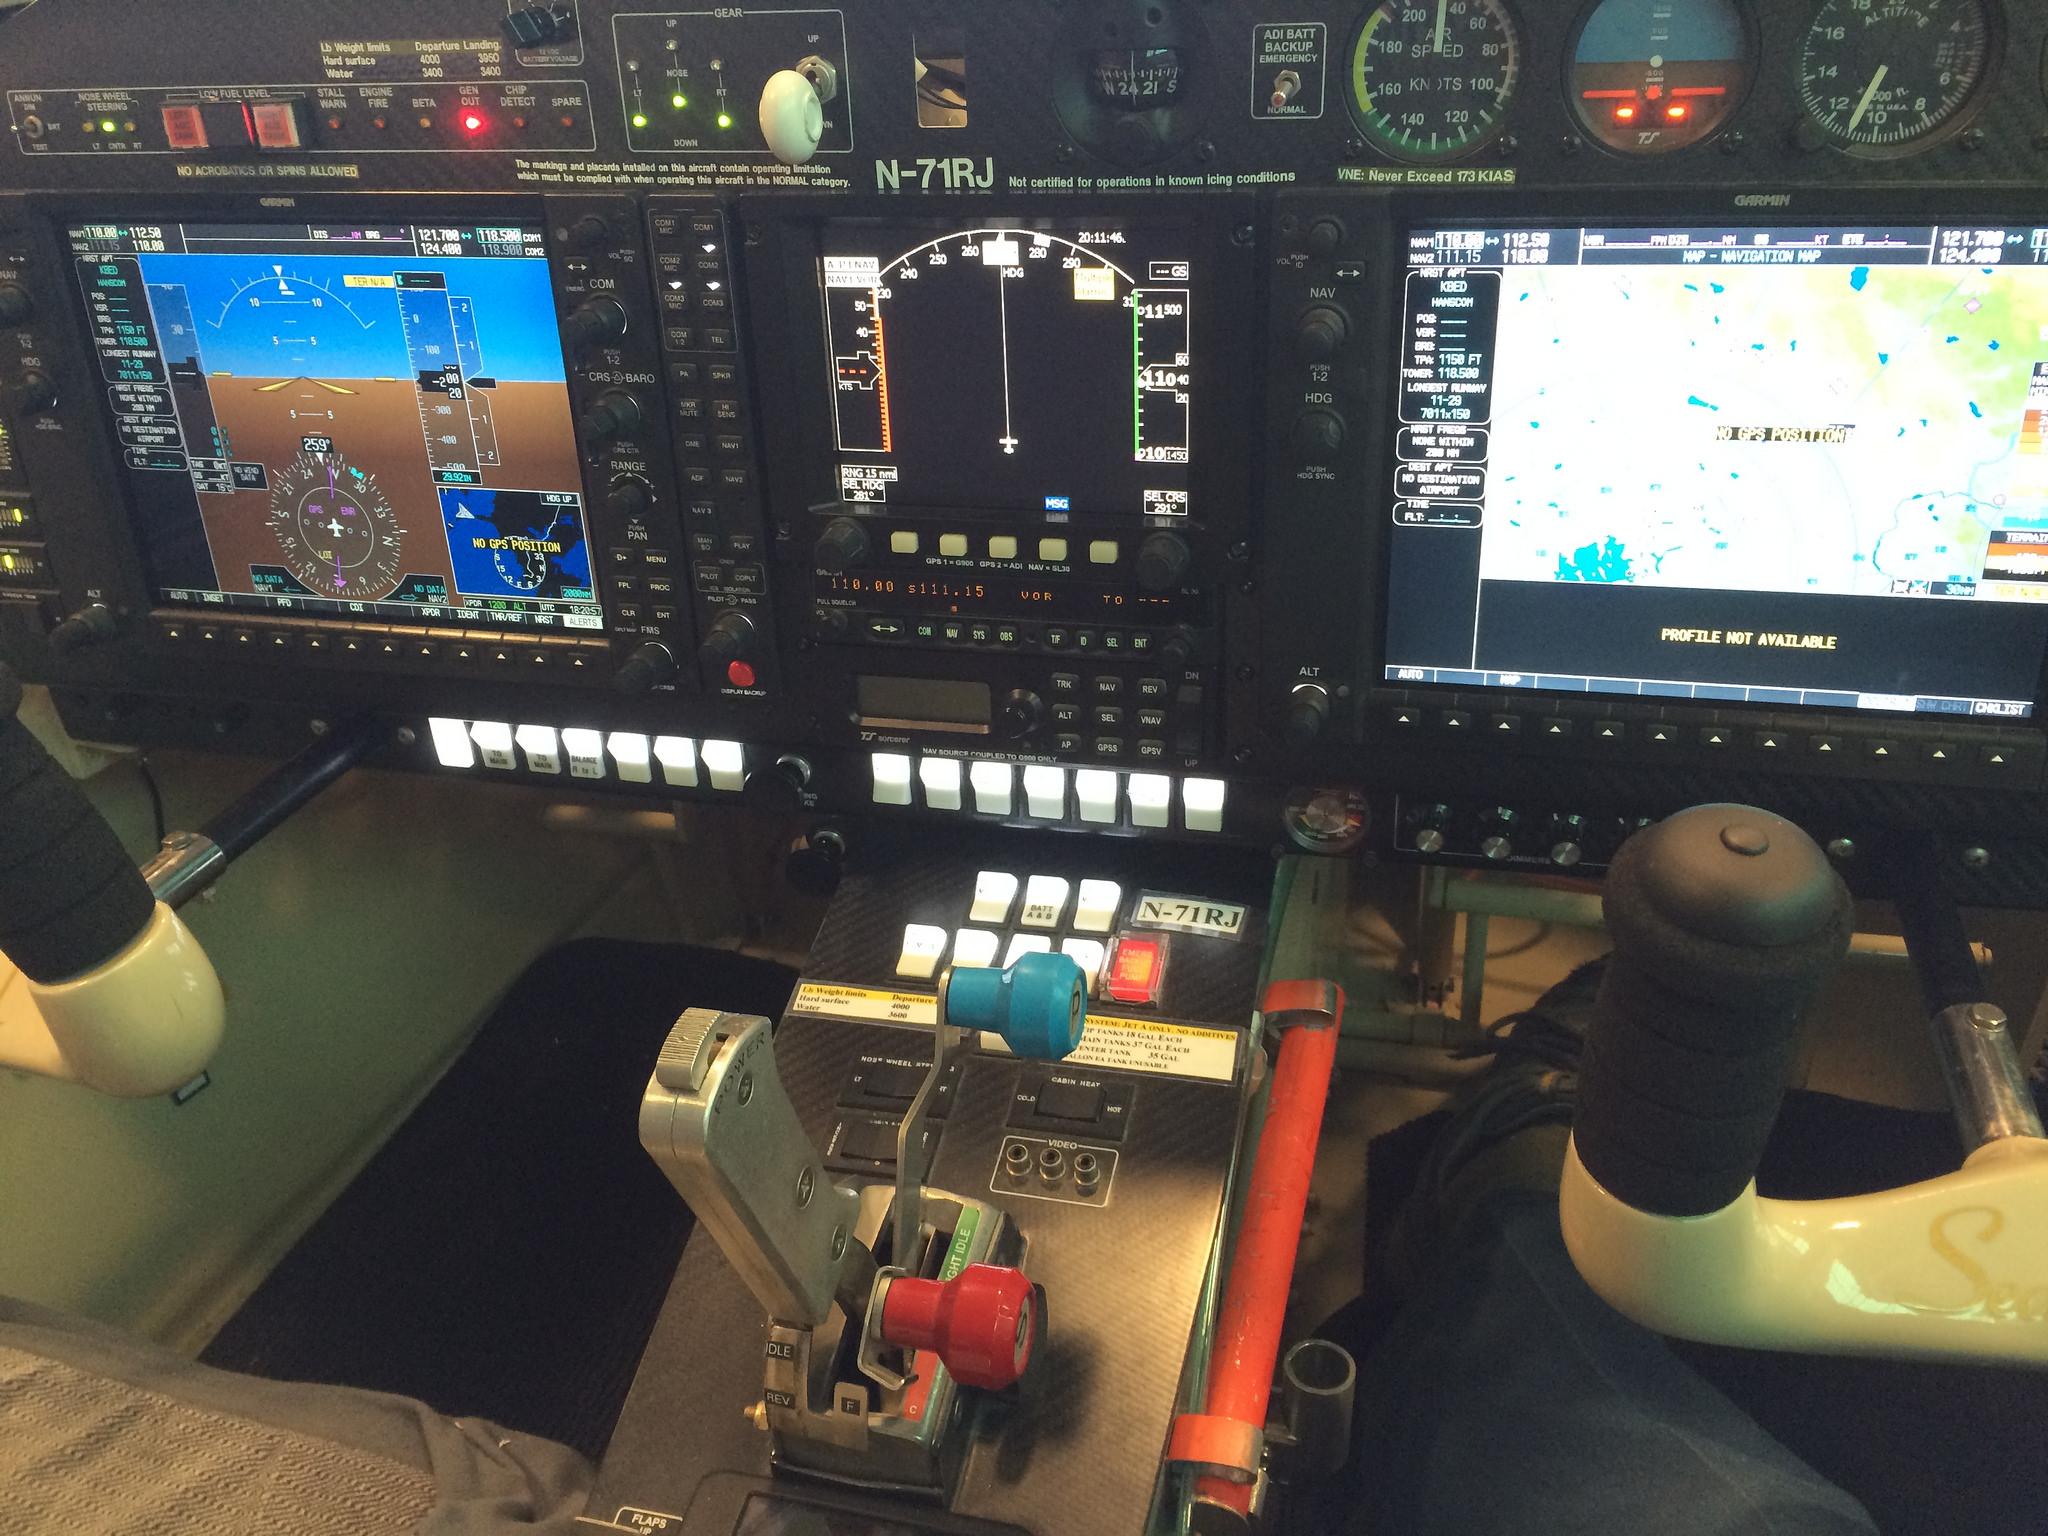 Garmin Avionics Suite